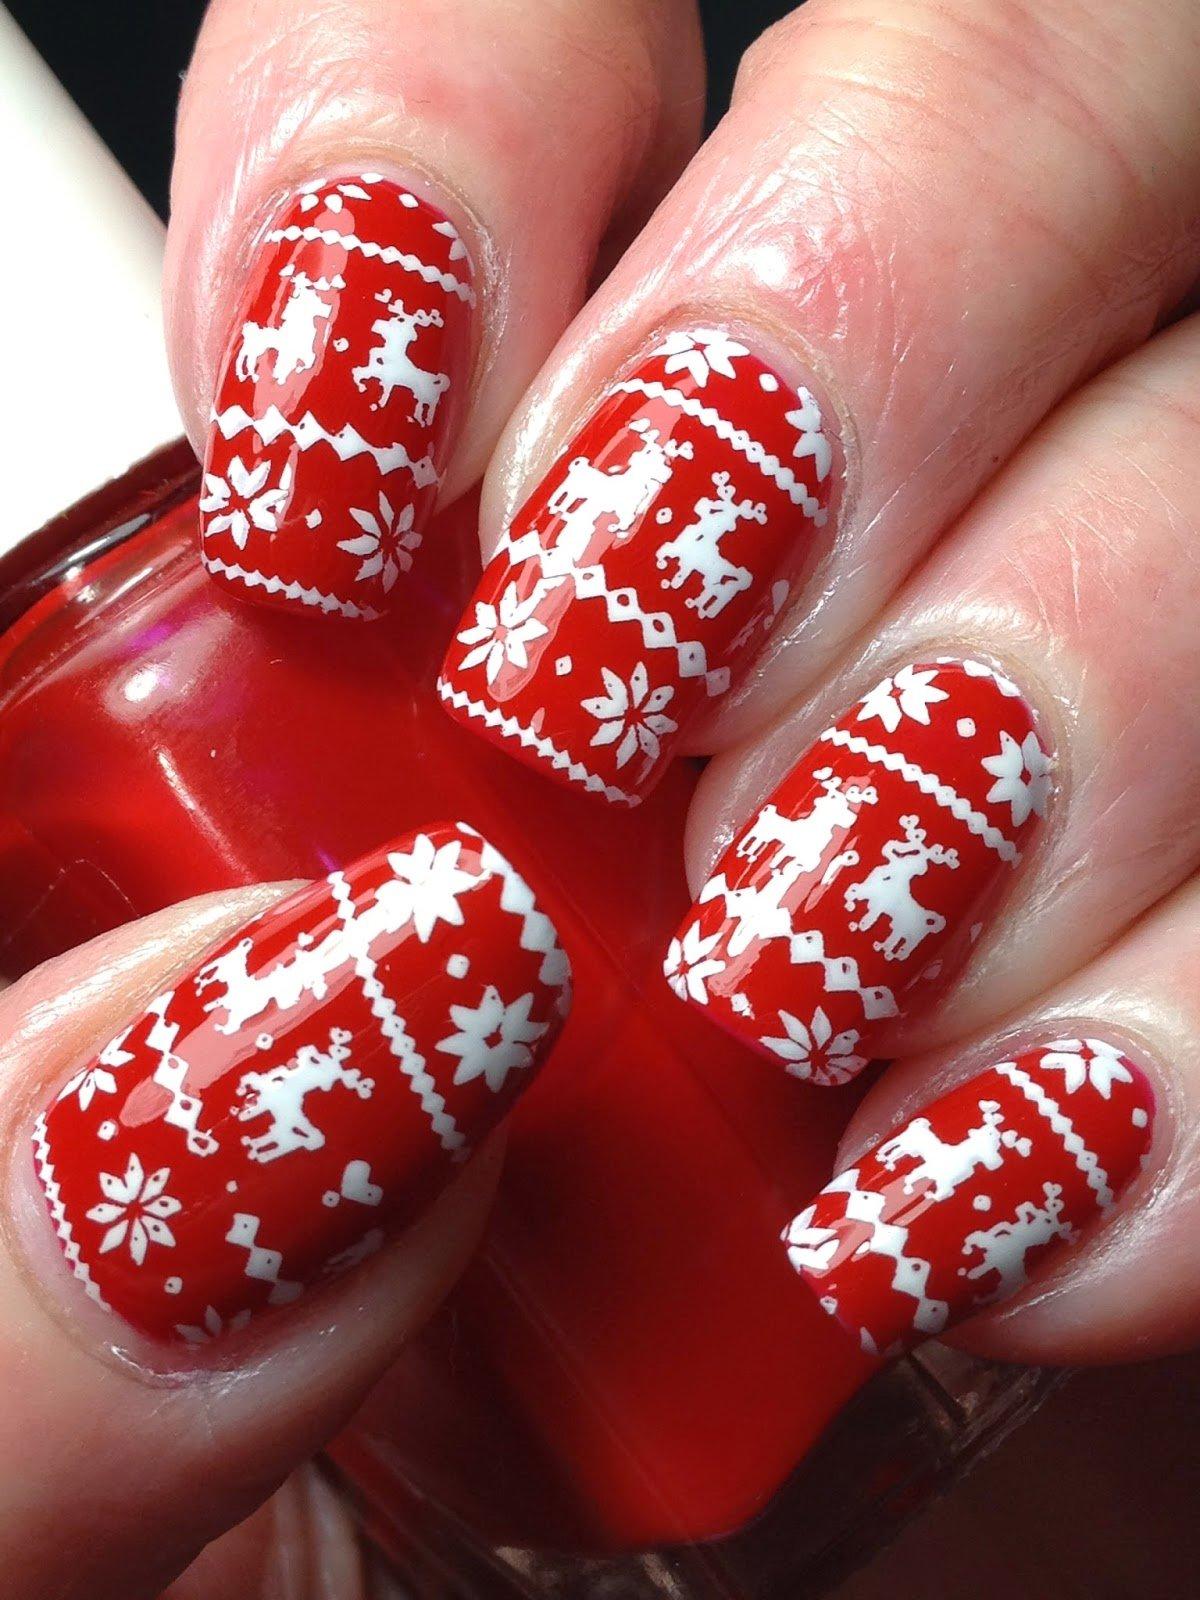 vyazanyj-manikyur-foto_46 Самый красивый дизайн ногтей: 100 ЛУЧШИХ идей и трендов на фото